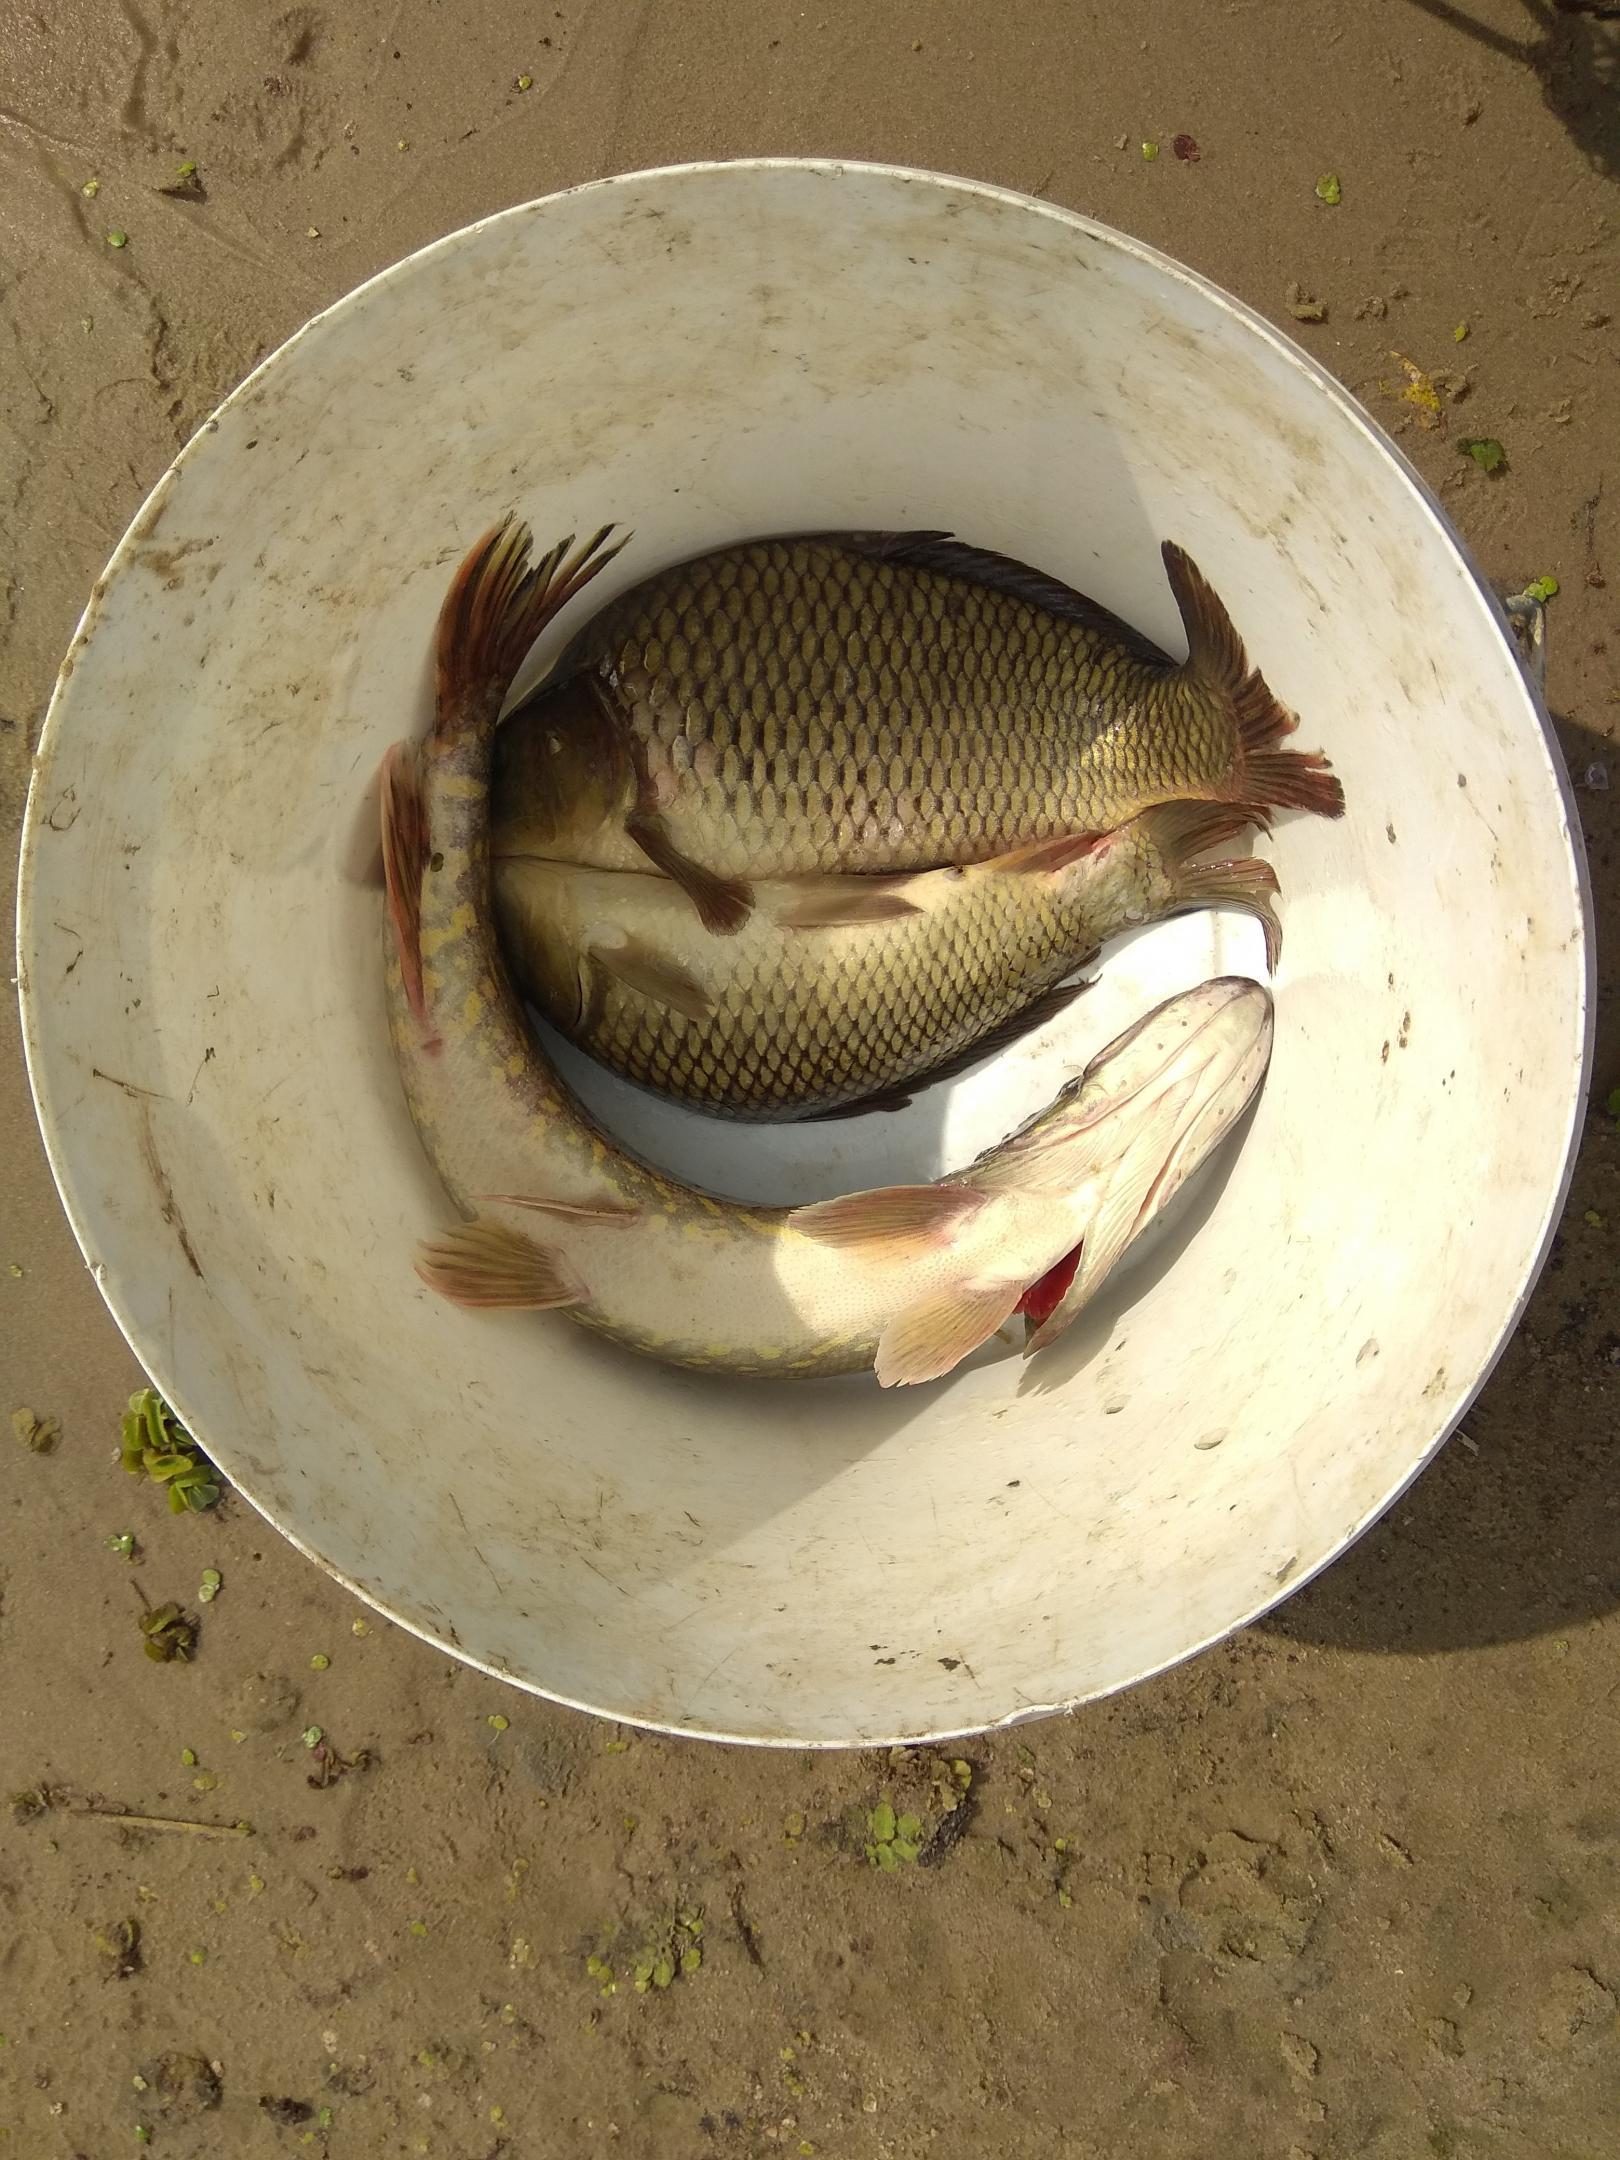 Припять, дубль два. После прошлой рыбалки осталась какая ...   Отчеты о рыбалке в Беларуси